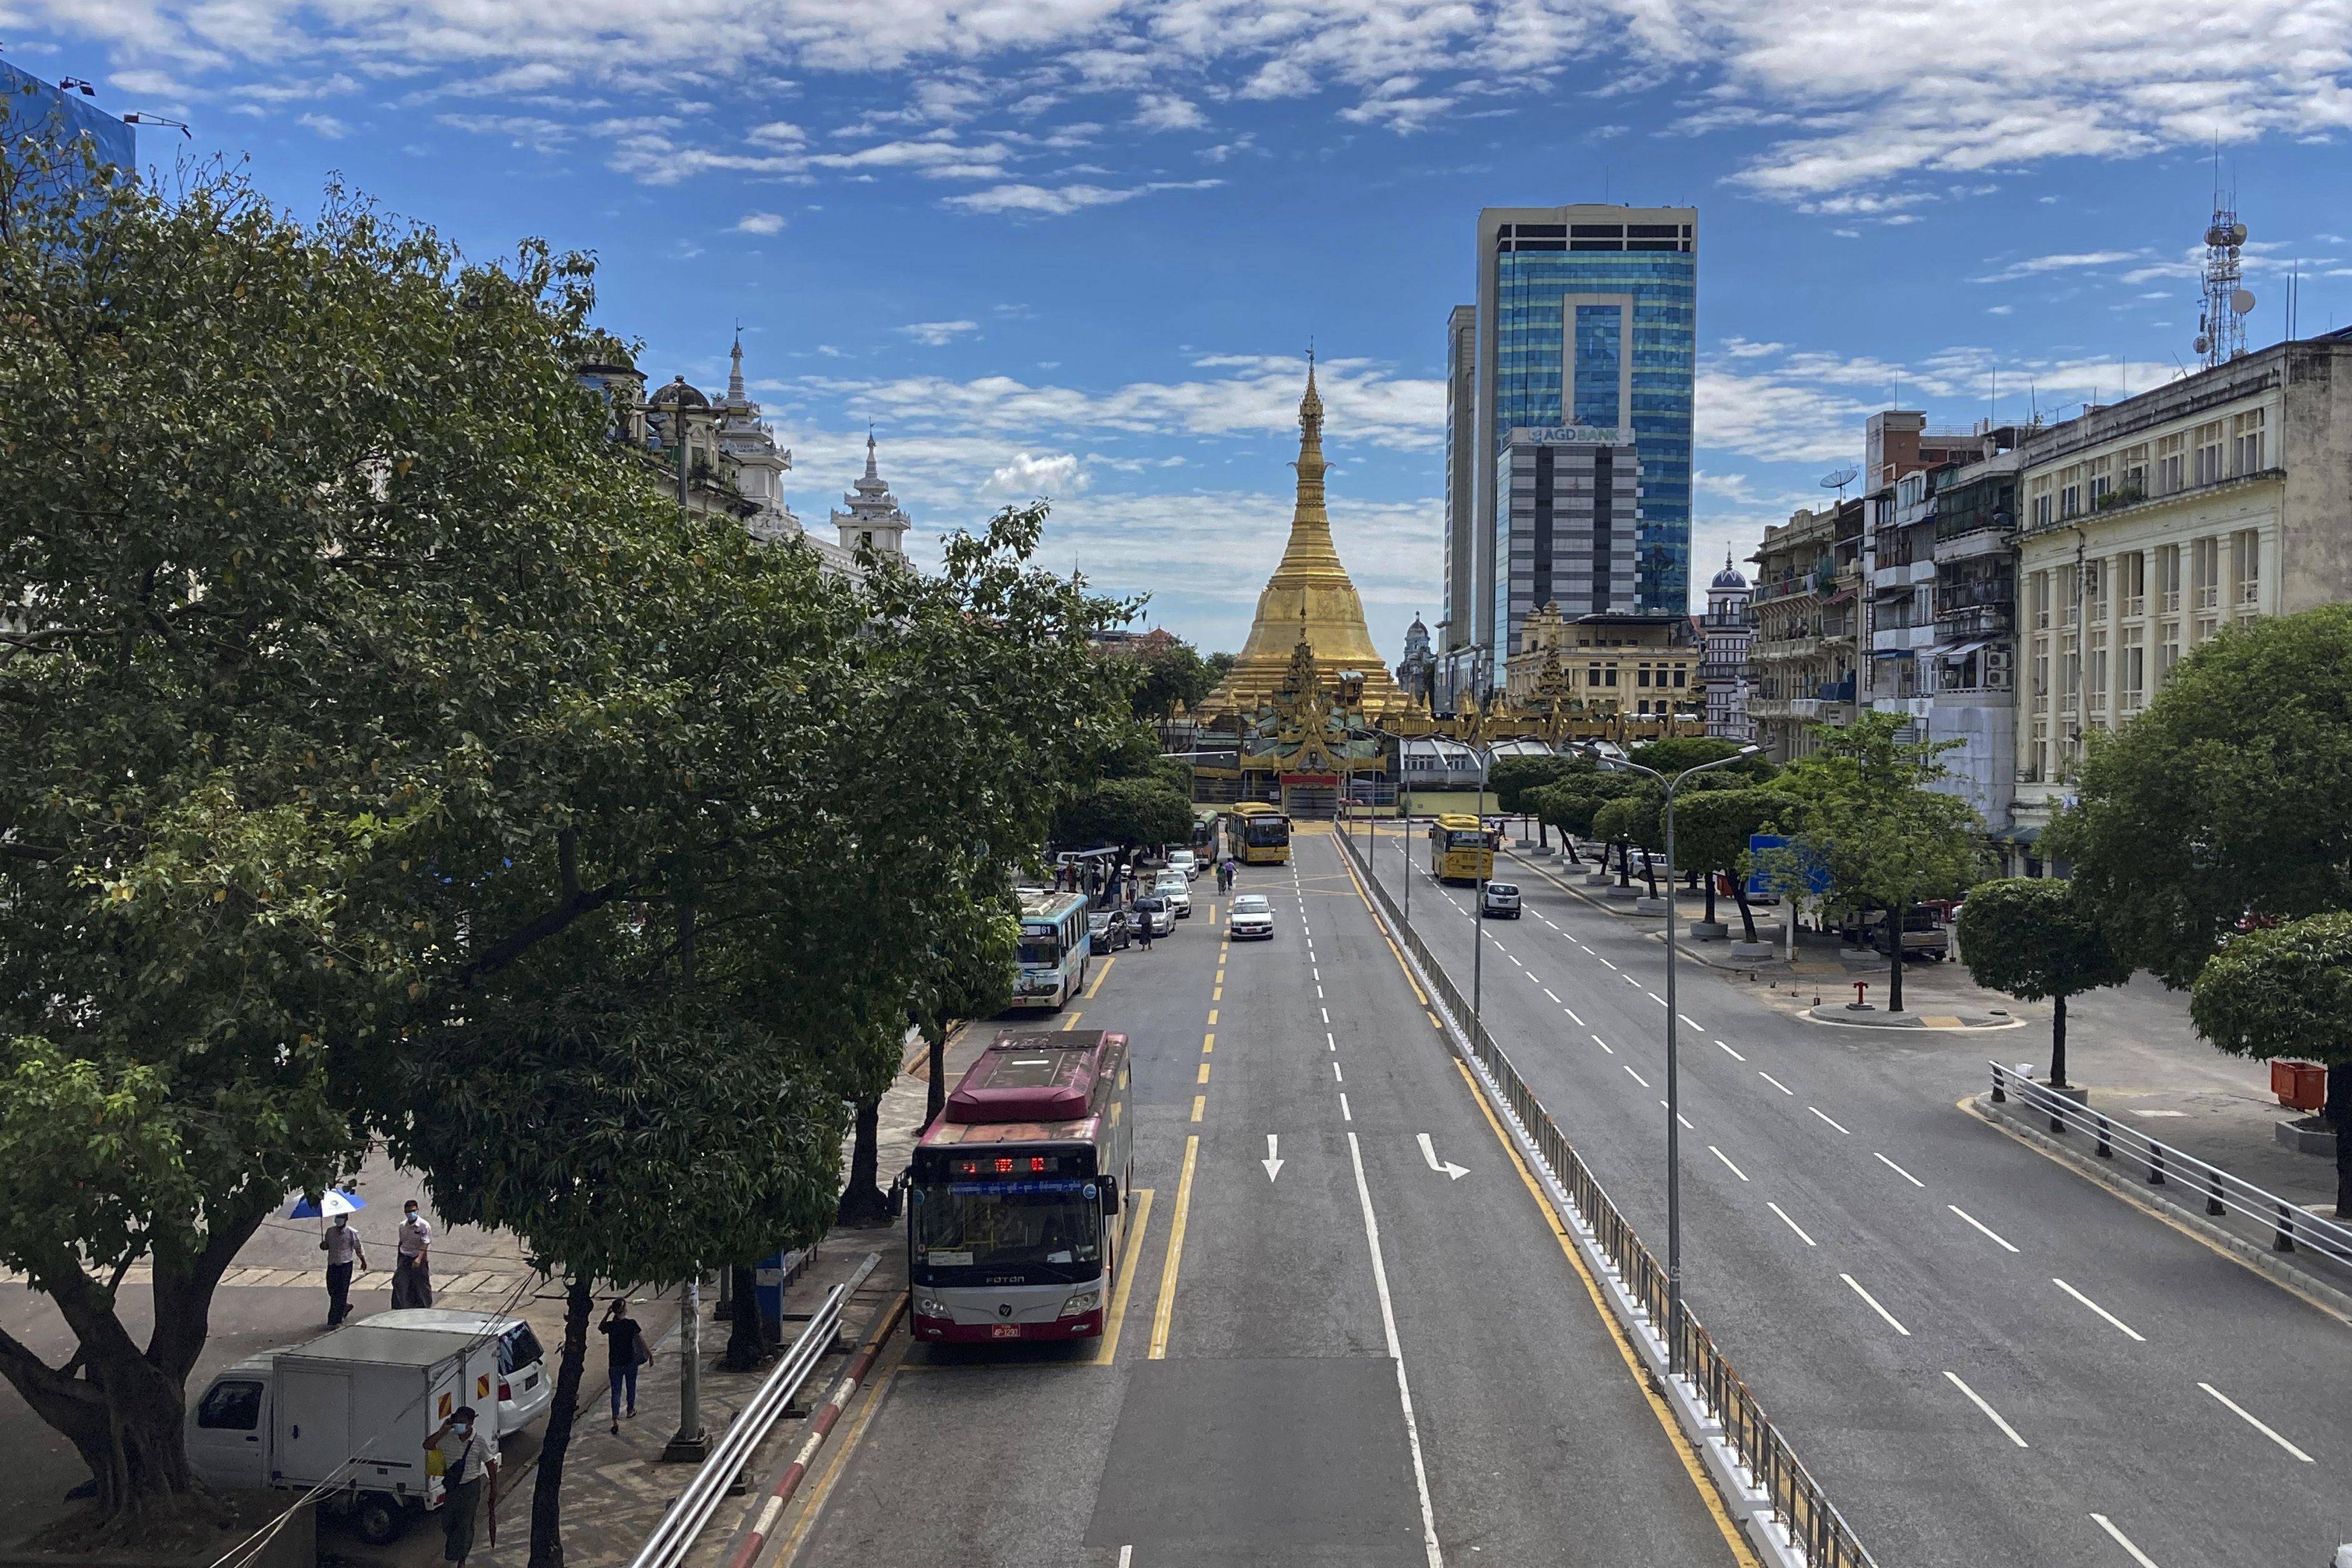 myanmar se ausenta de cumbre de asean en protesta